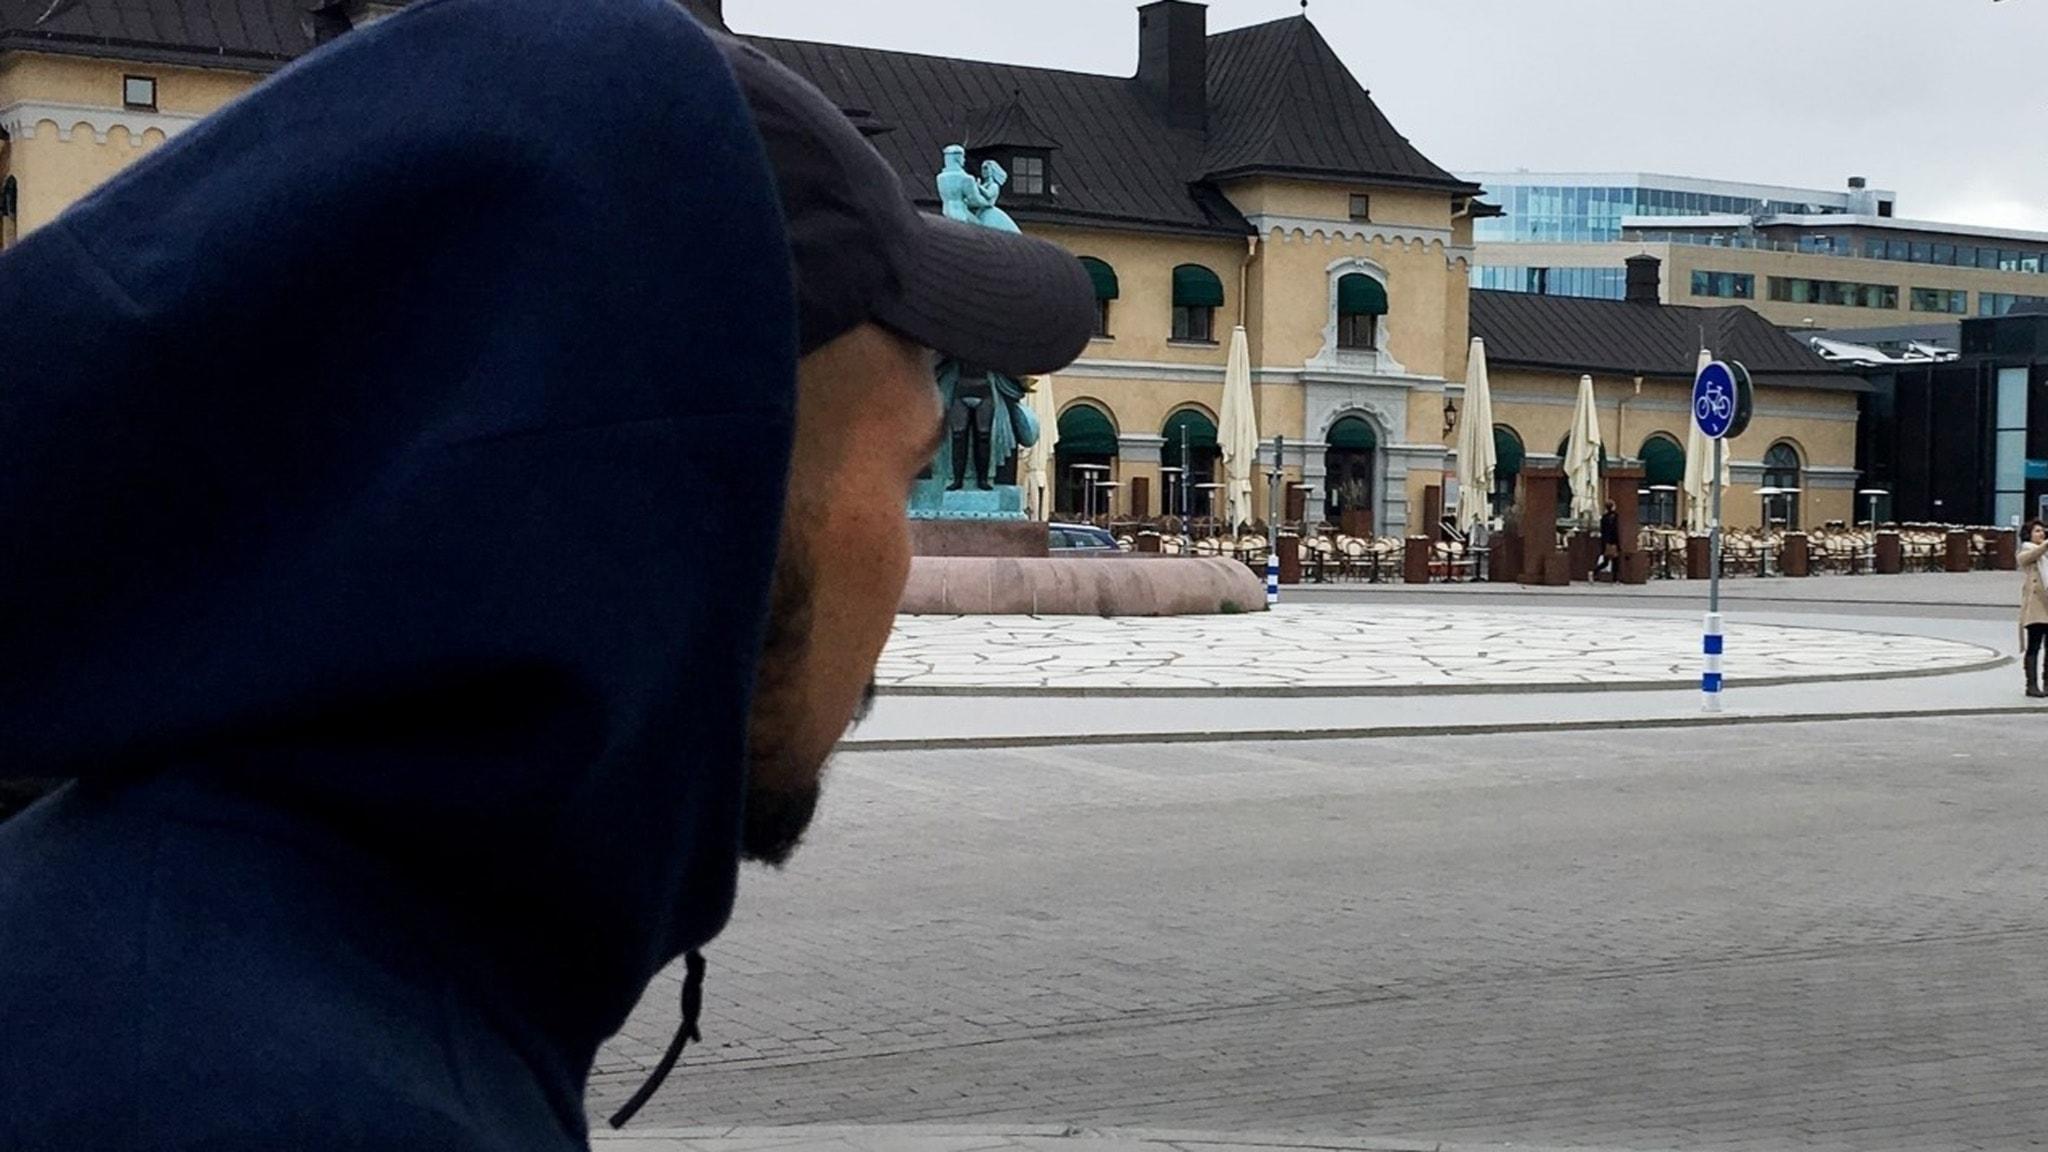 Amir vistas mycket på Resecentrum i Uppsala där hans vänner använder droger.